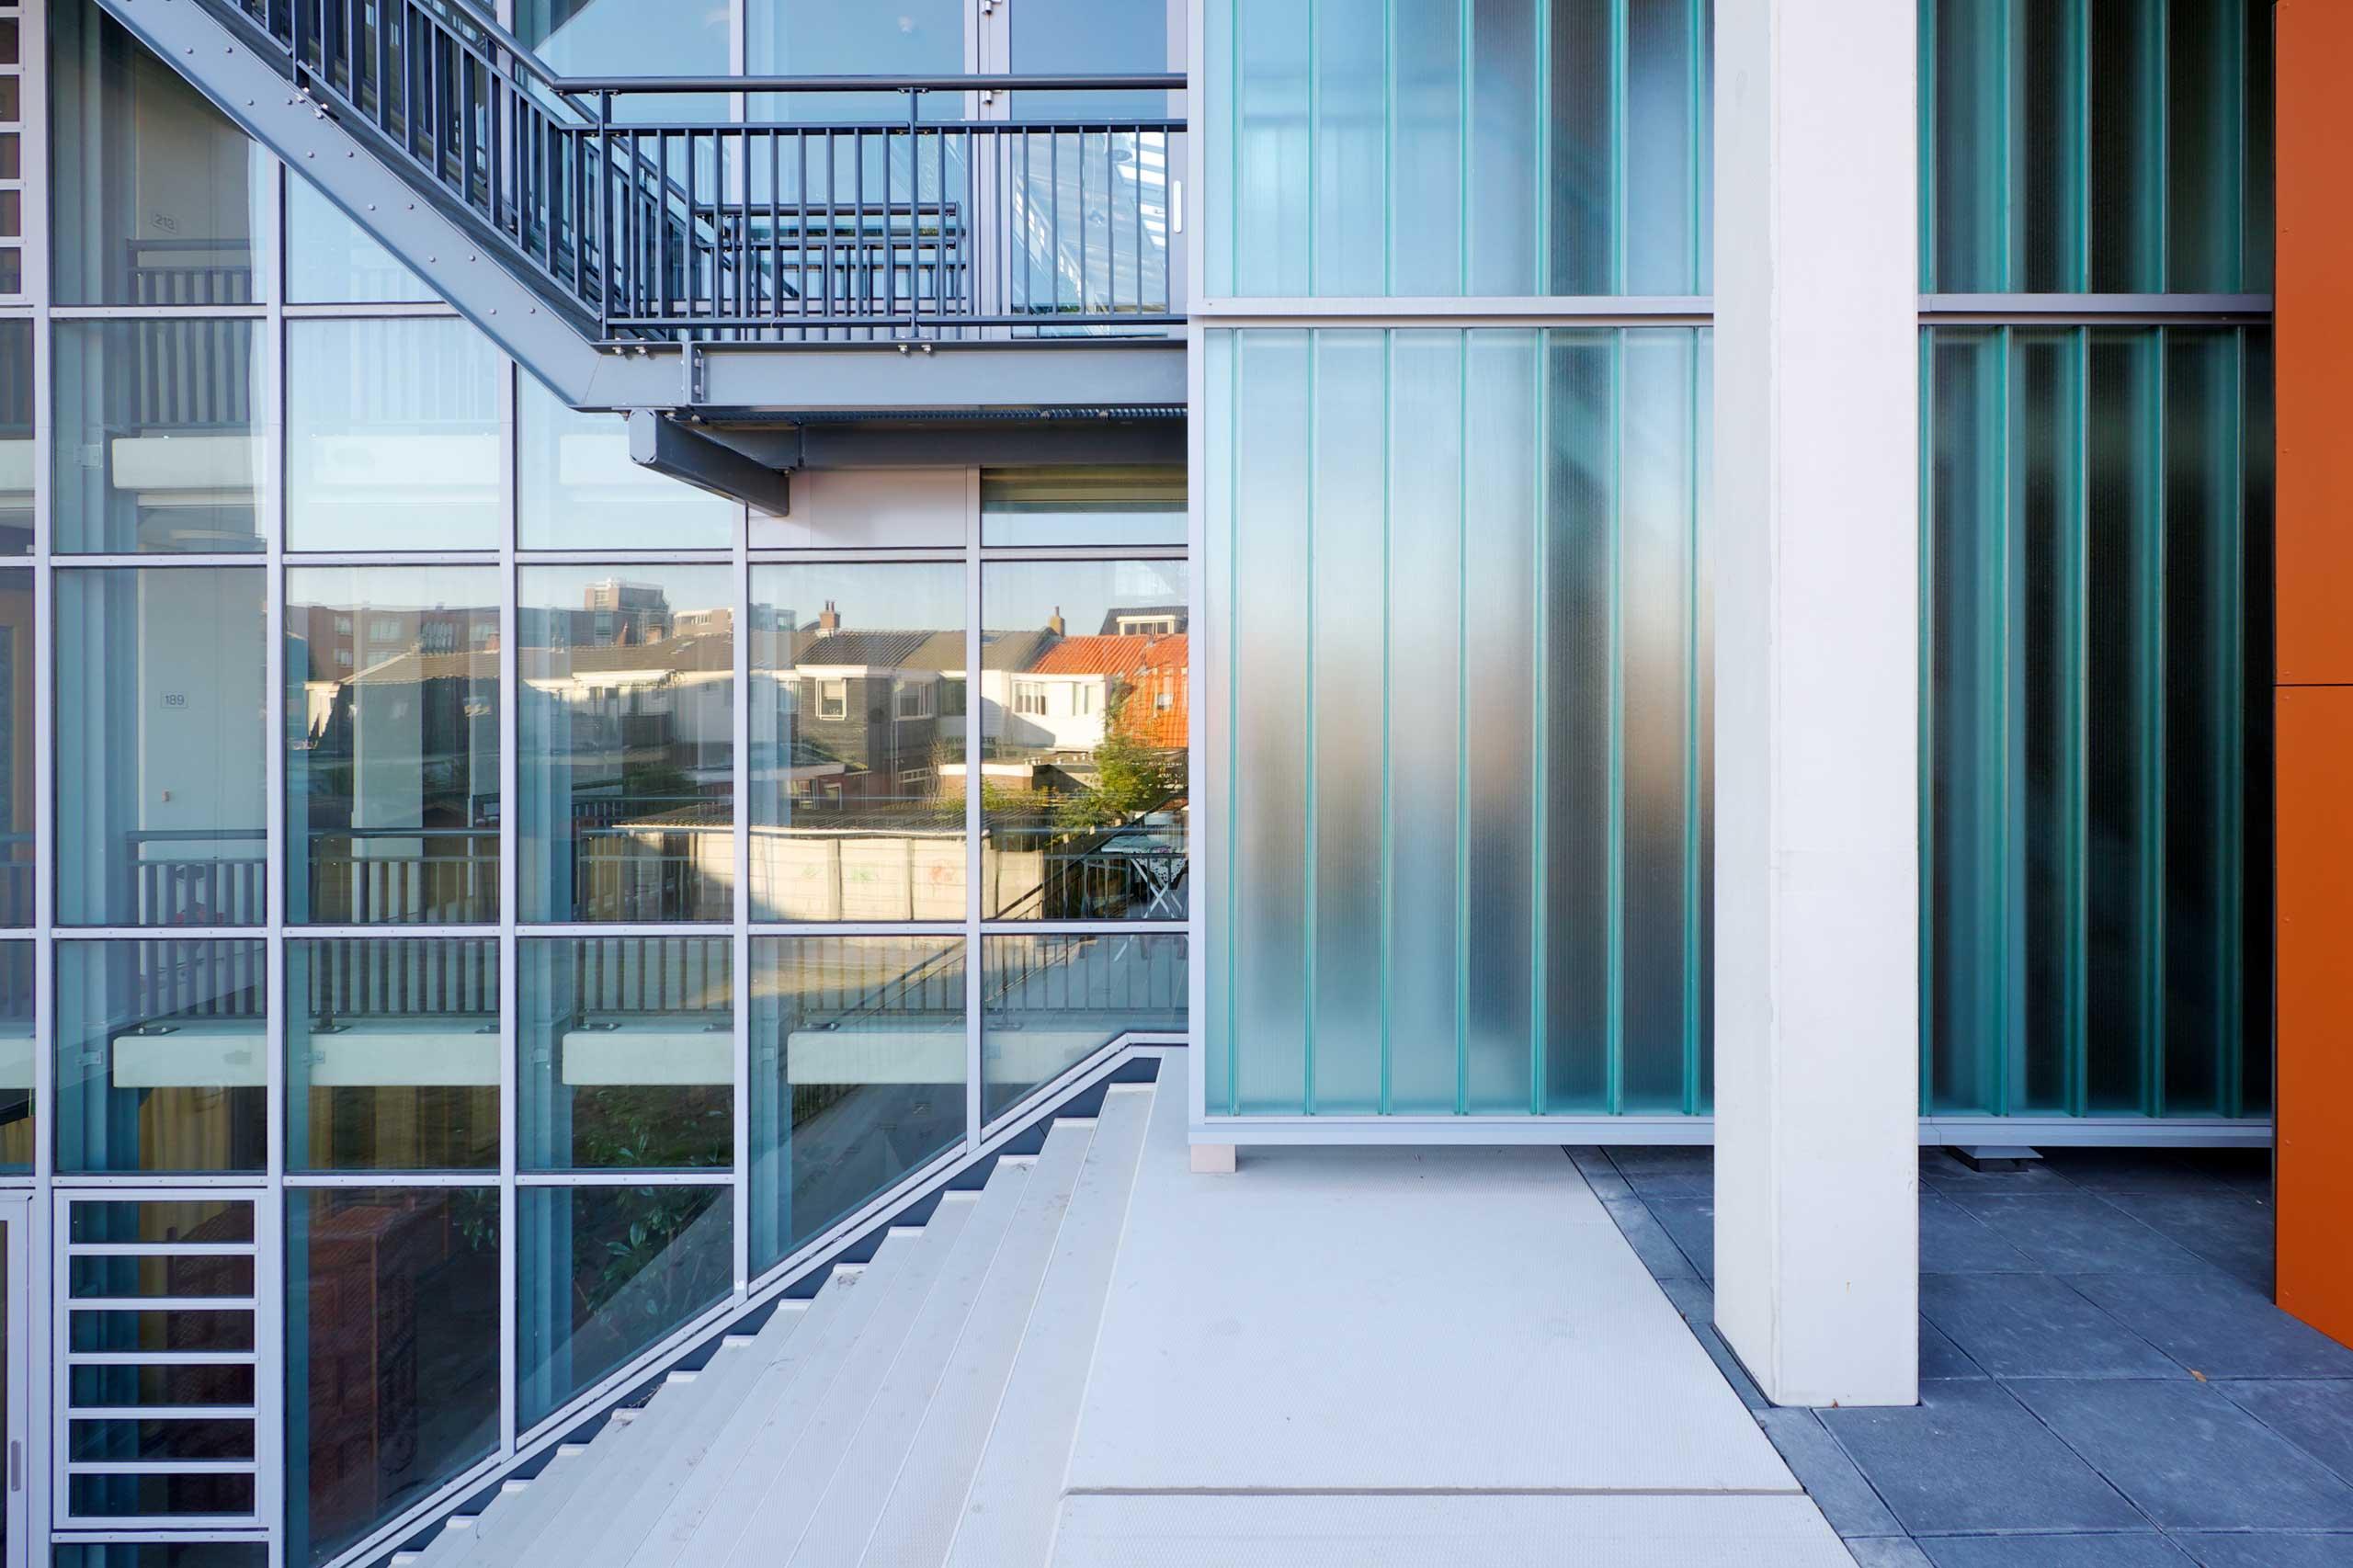 appartementen senioren woningen woningbouw Den Helder architectuur